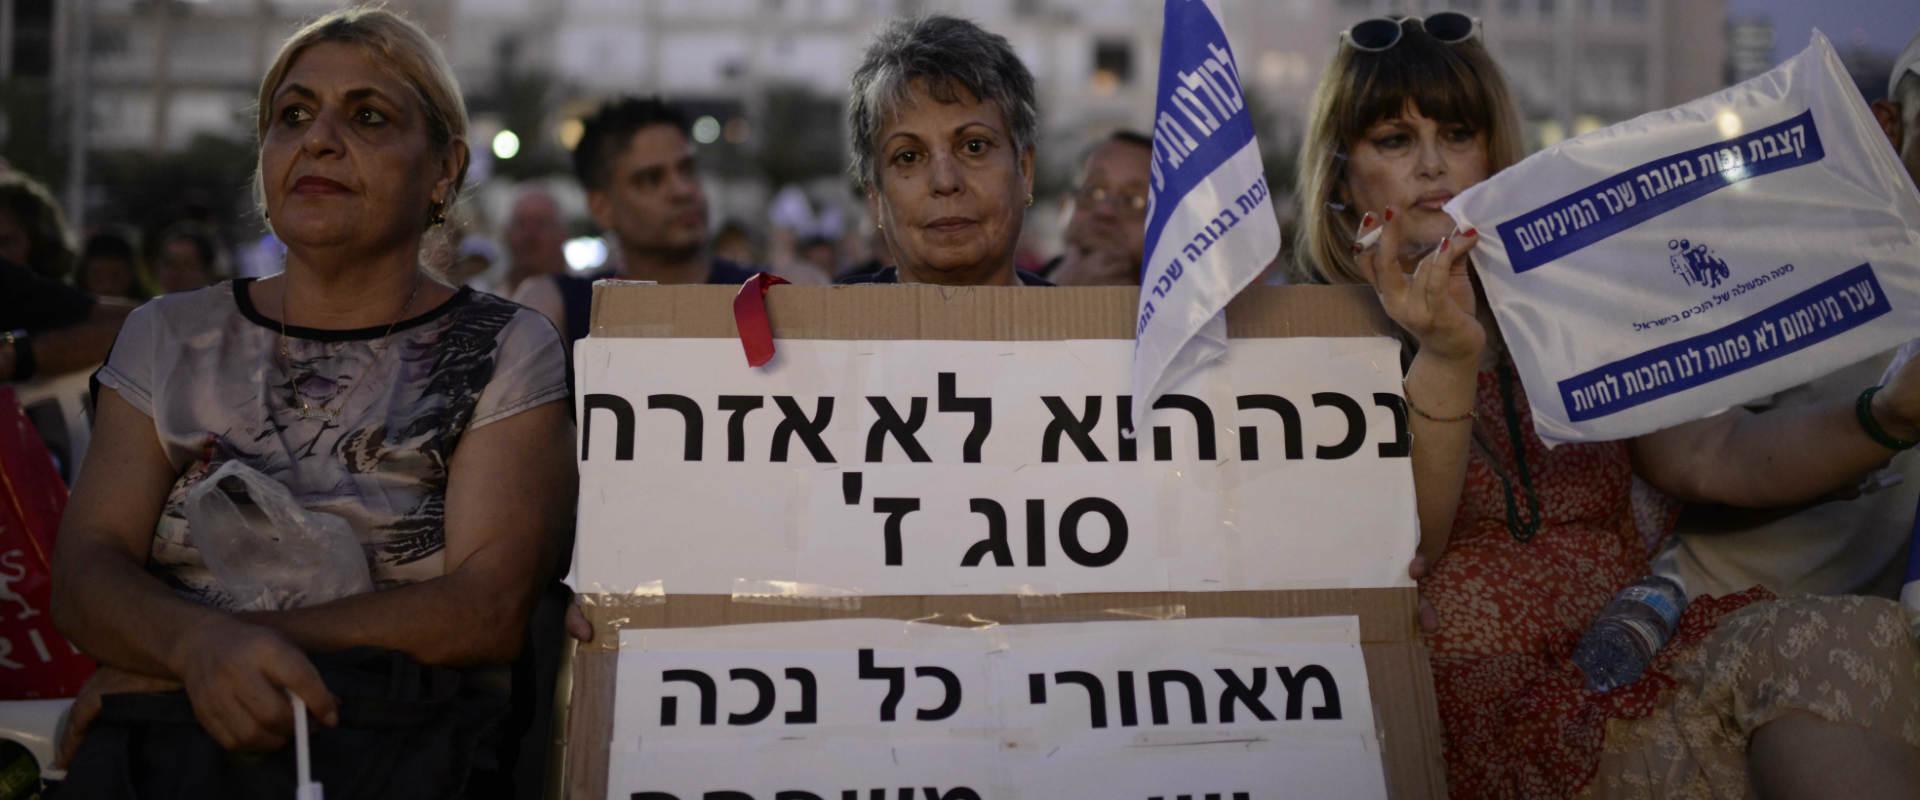 הפגנת נכים בכיכר רבין בתל אביב